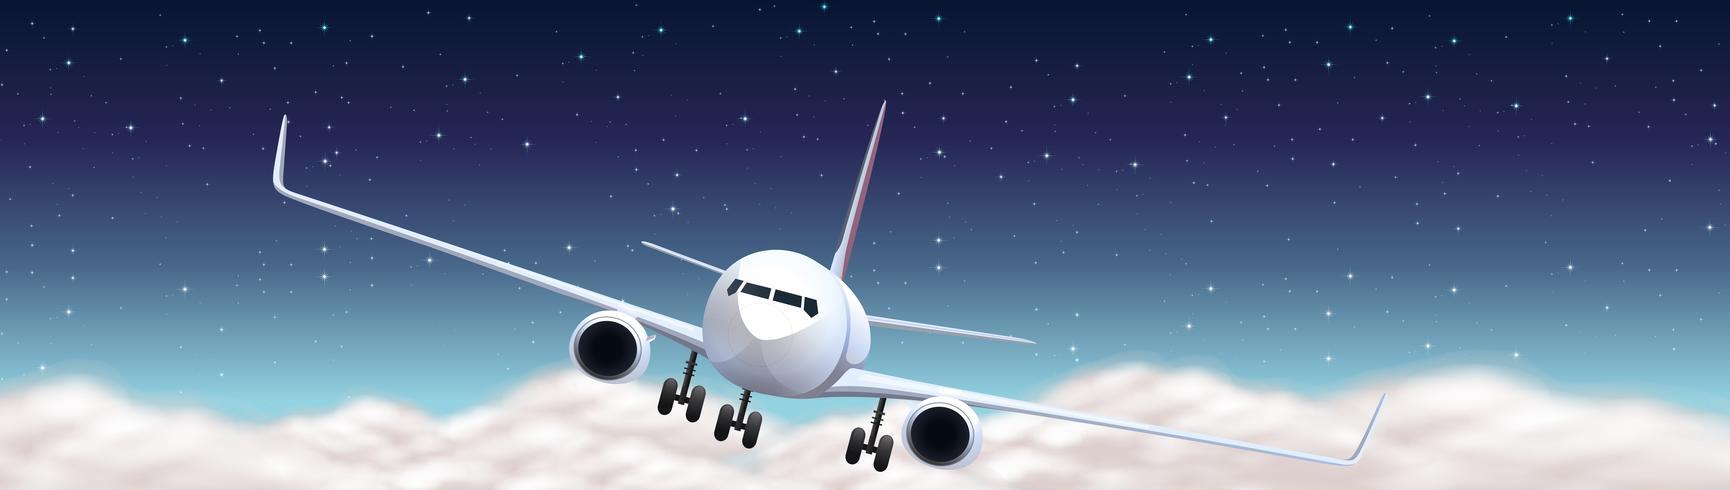 Escena con avión volando por la noche